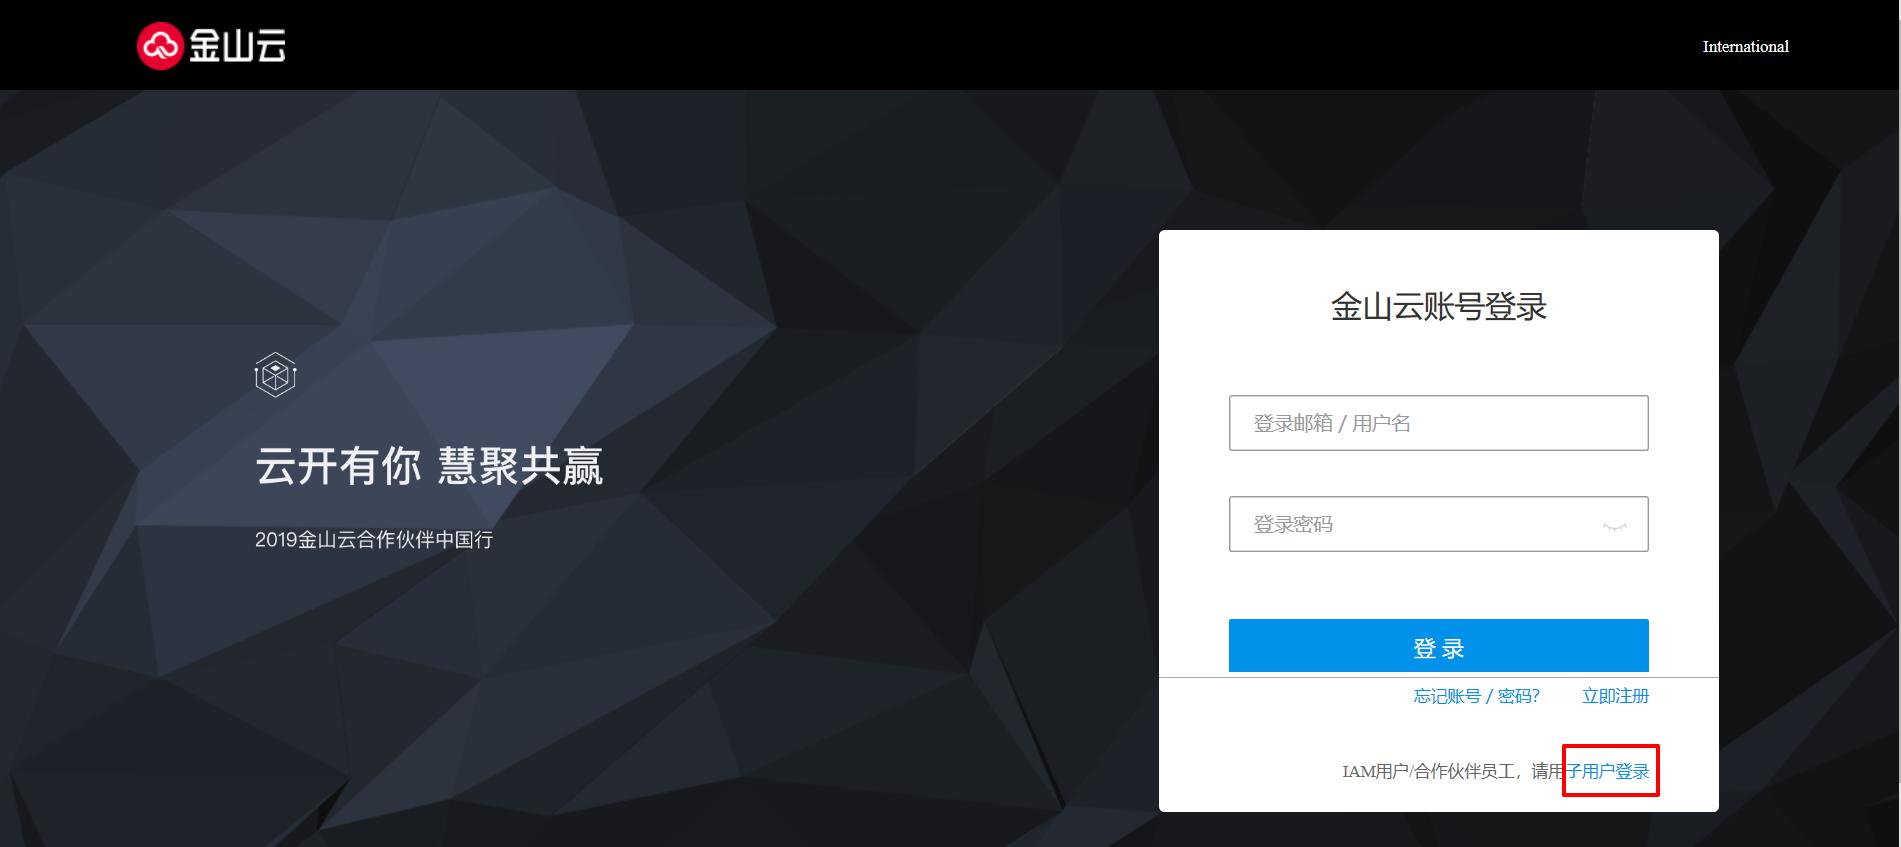 子用户登录管理